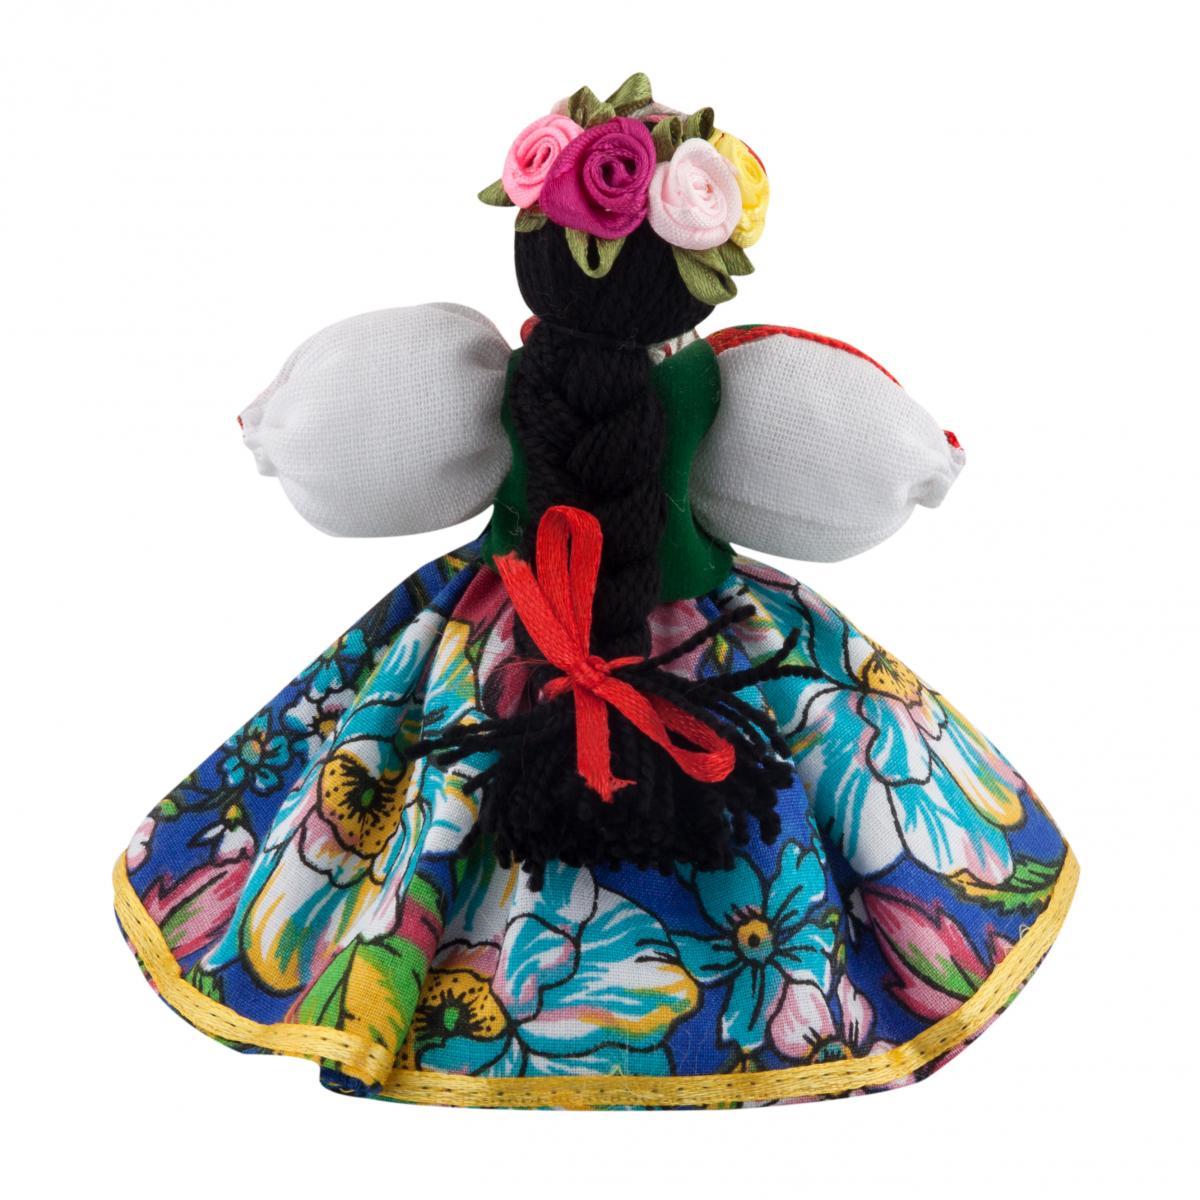 Кукла из ткани. Фото №2. | Народный дом Украина